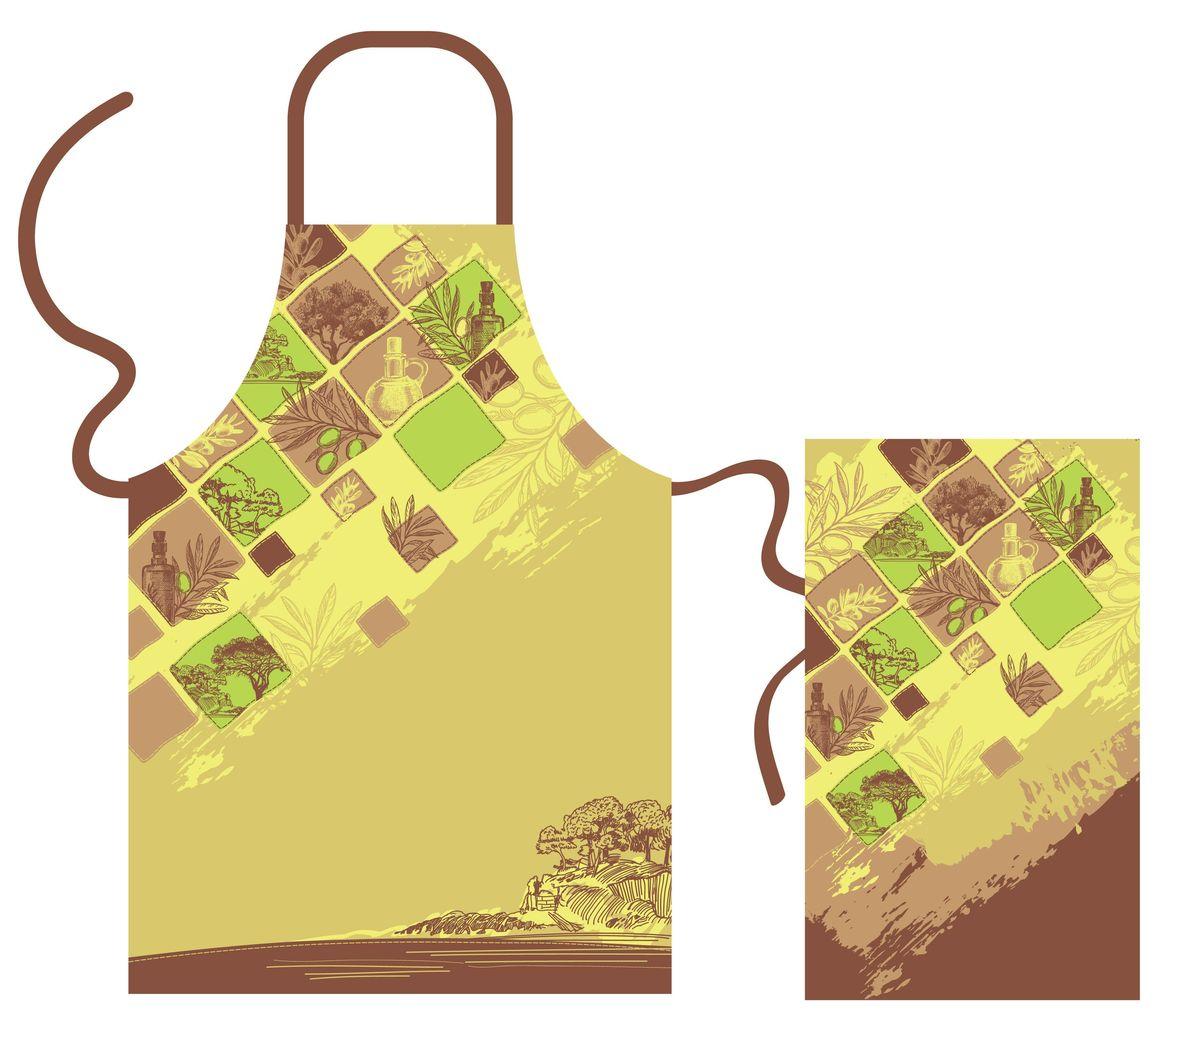 Набор кухонного текстиля Olive dream67418Набор кухонного текстиля выполнен из хлопка и украшен оригинальным принтом в оливковых и коричневых оттенках.